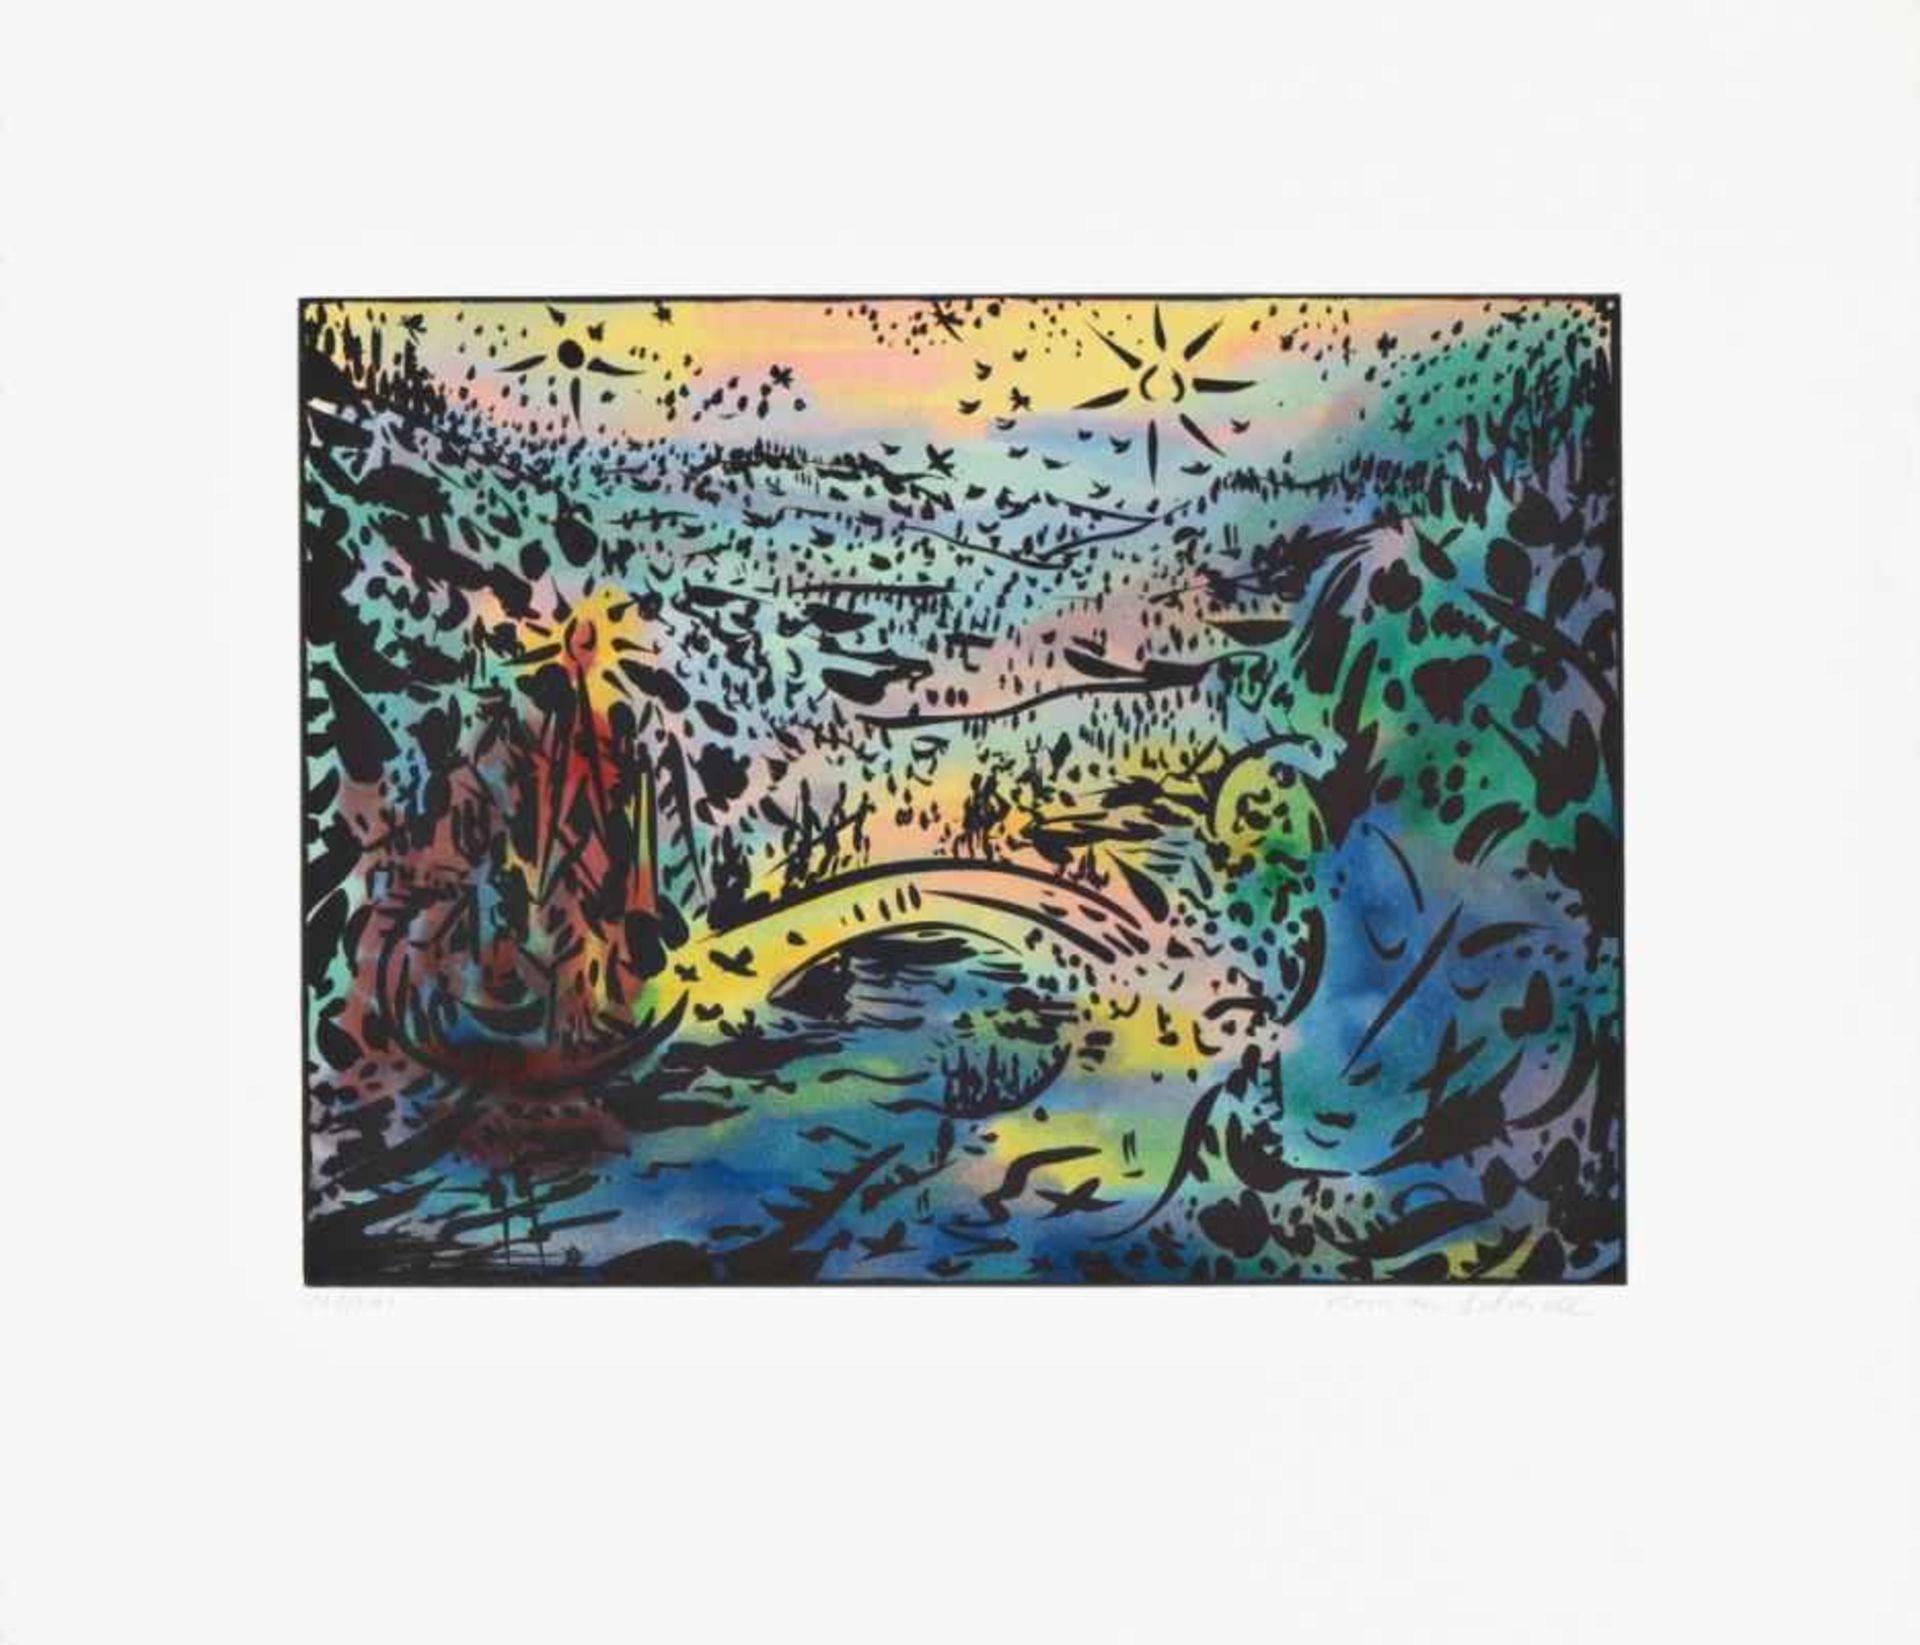 ROMAN SCHEIDL(1949 LEOPOLDSDORF)FLUSSLANDSCHAFTFarblithografie auf Bütten, Plattengröße: 29,5 x 39,5